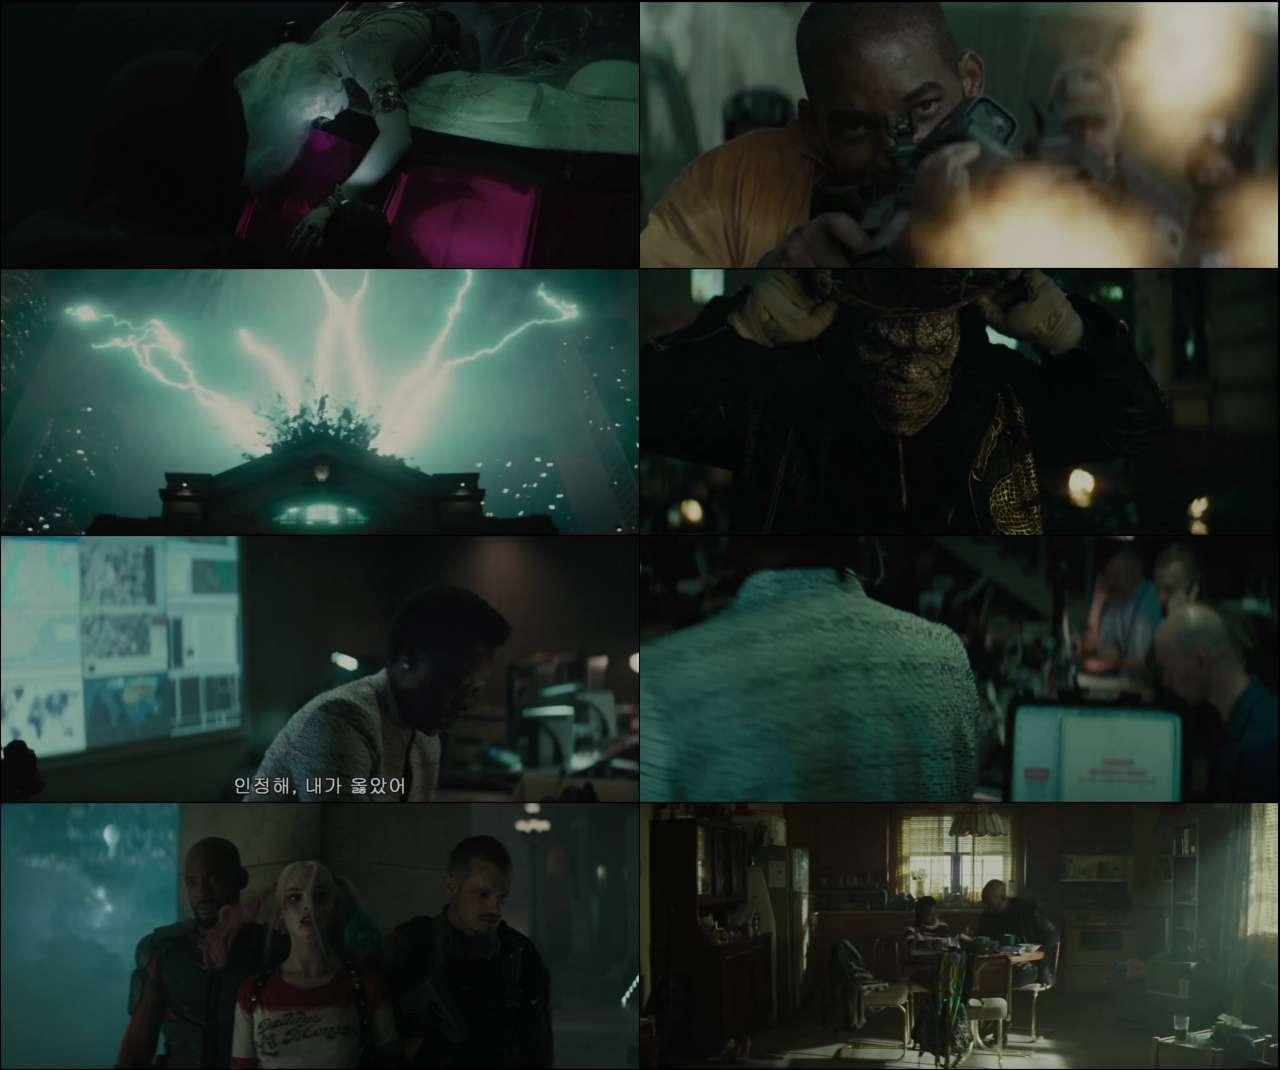 İntihar Timi: Gerçek Kötüler - Suicide Squad (2016) türkçe altyazılı indir